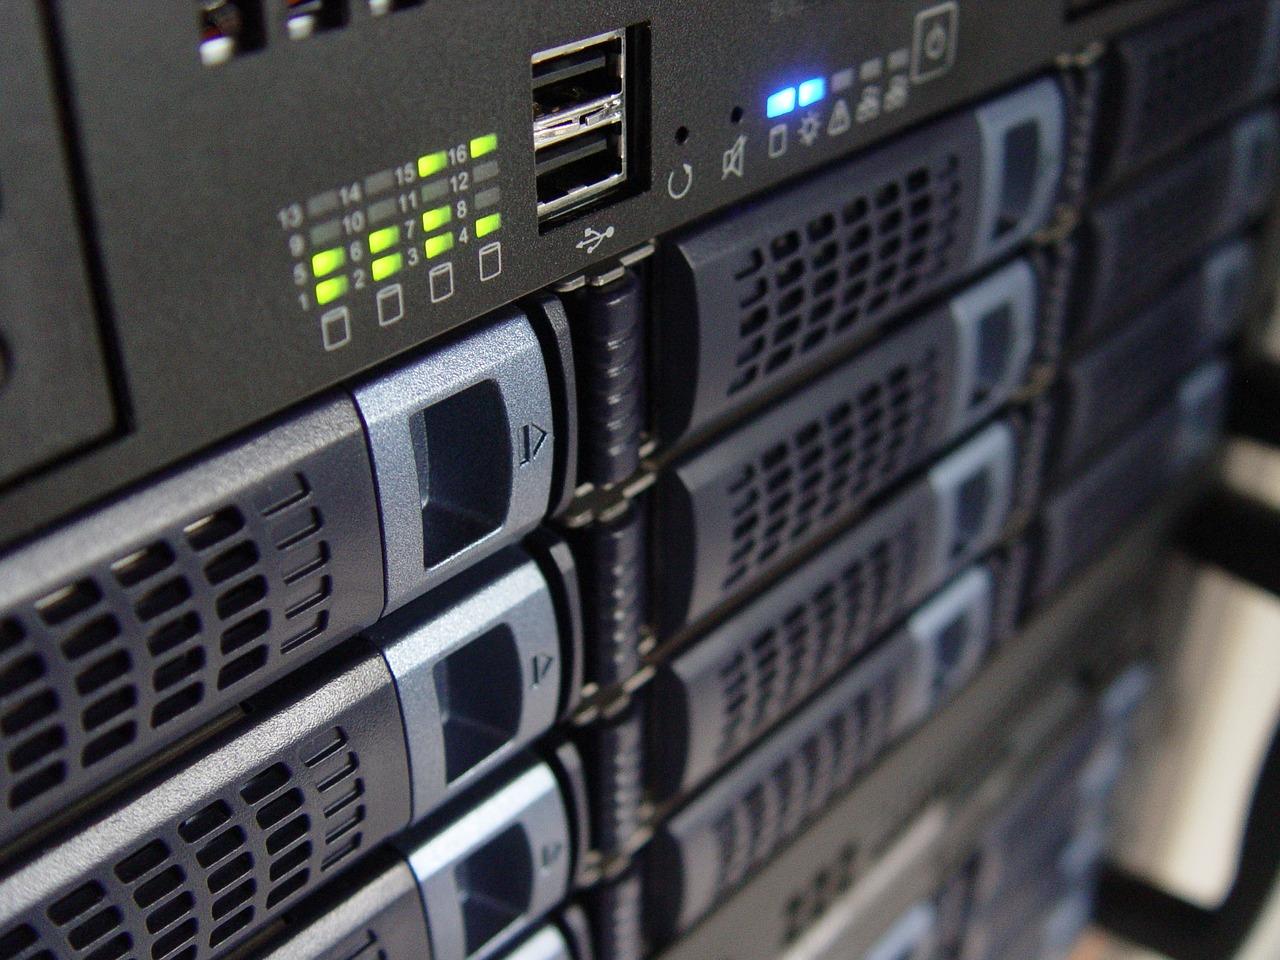 Comment sécuriser un serveur informatique ?